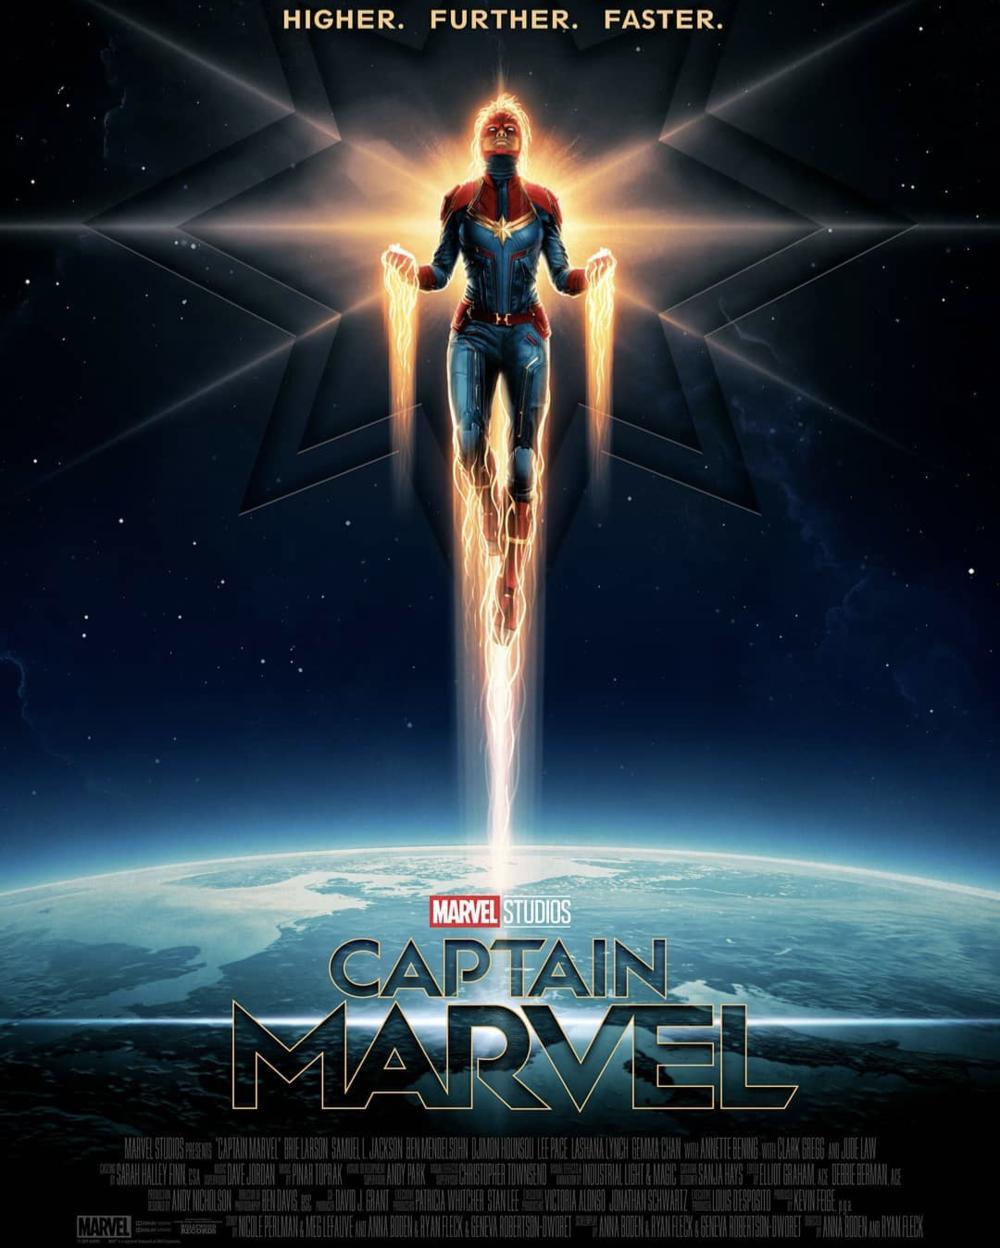 cool-new-captain-marvel-poster-art-by-matt-ferguson-and-international-poster2